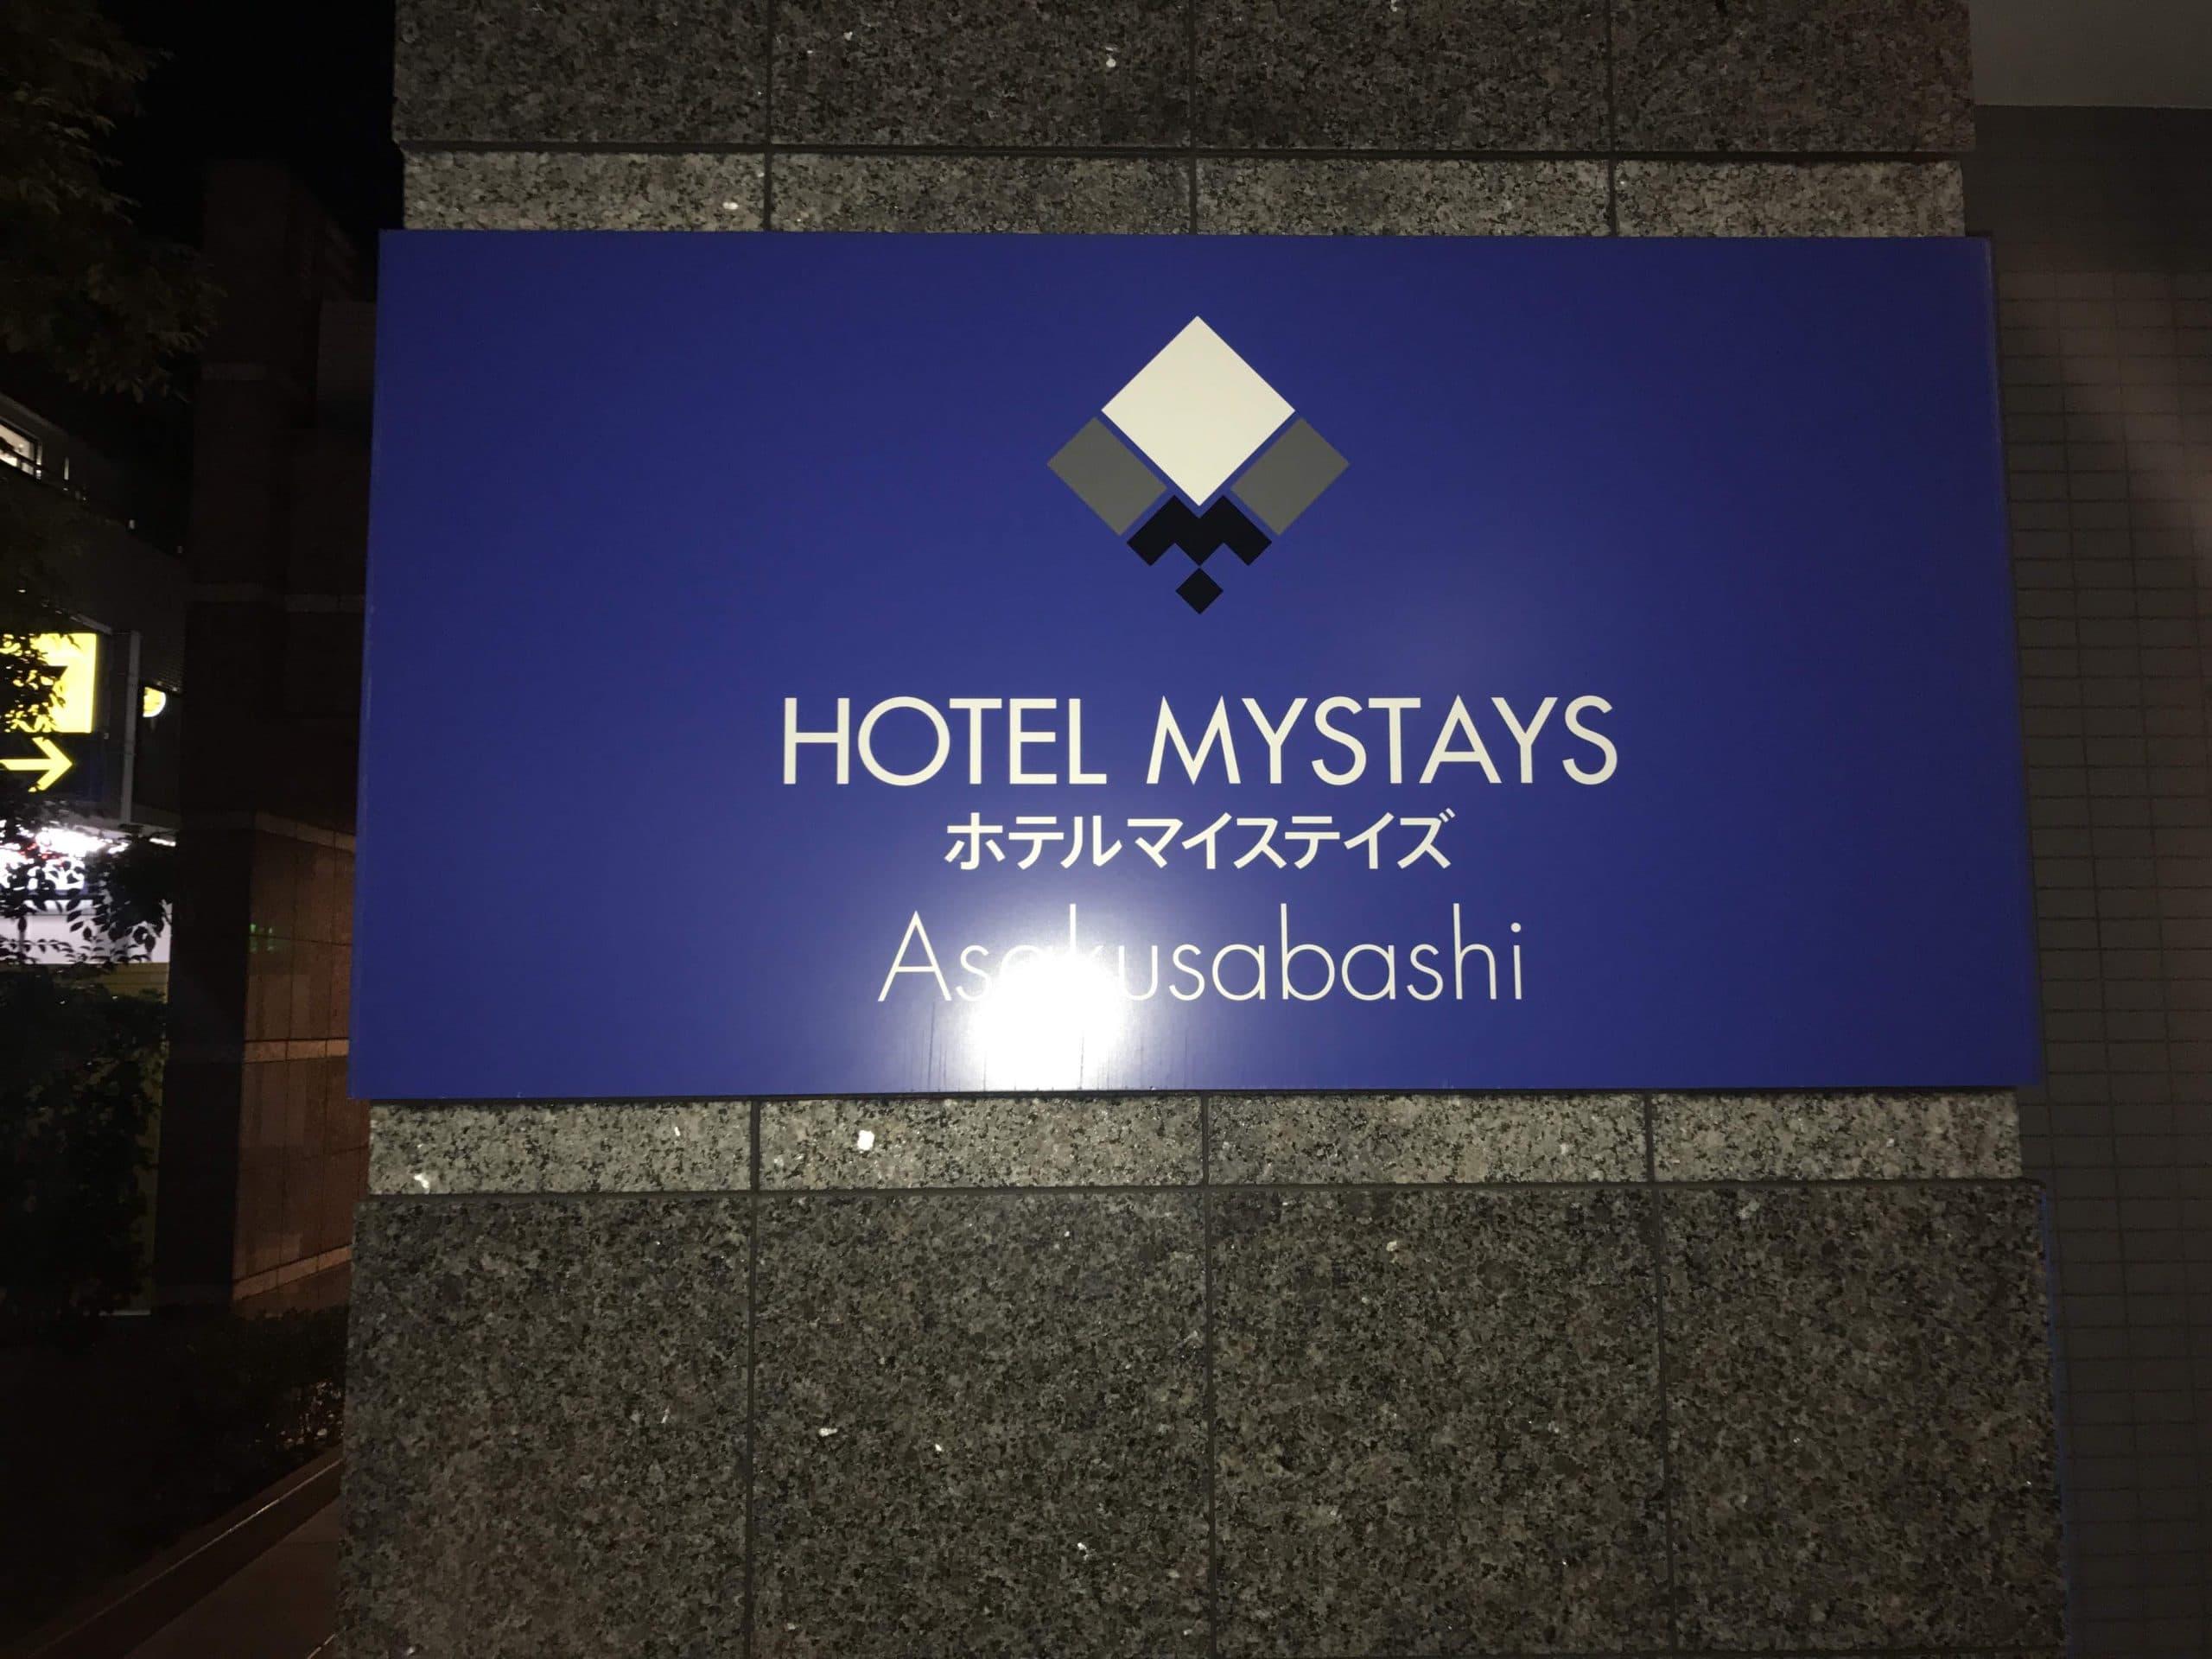 ホテル マイステイズ 浅草橋